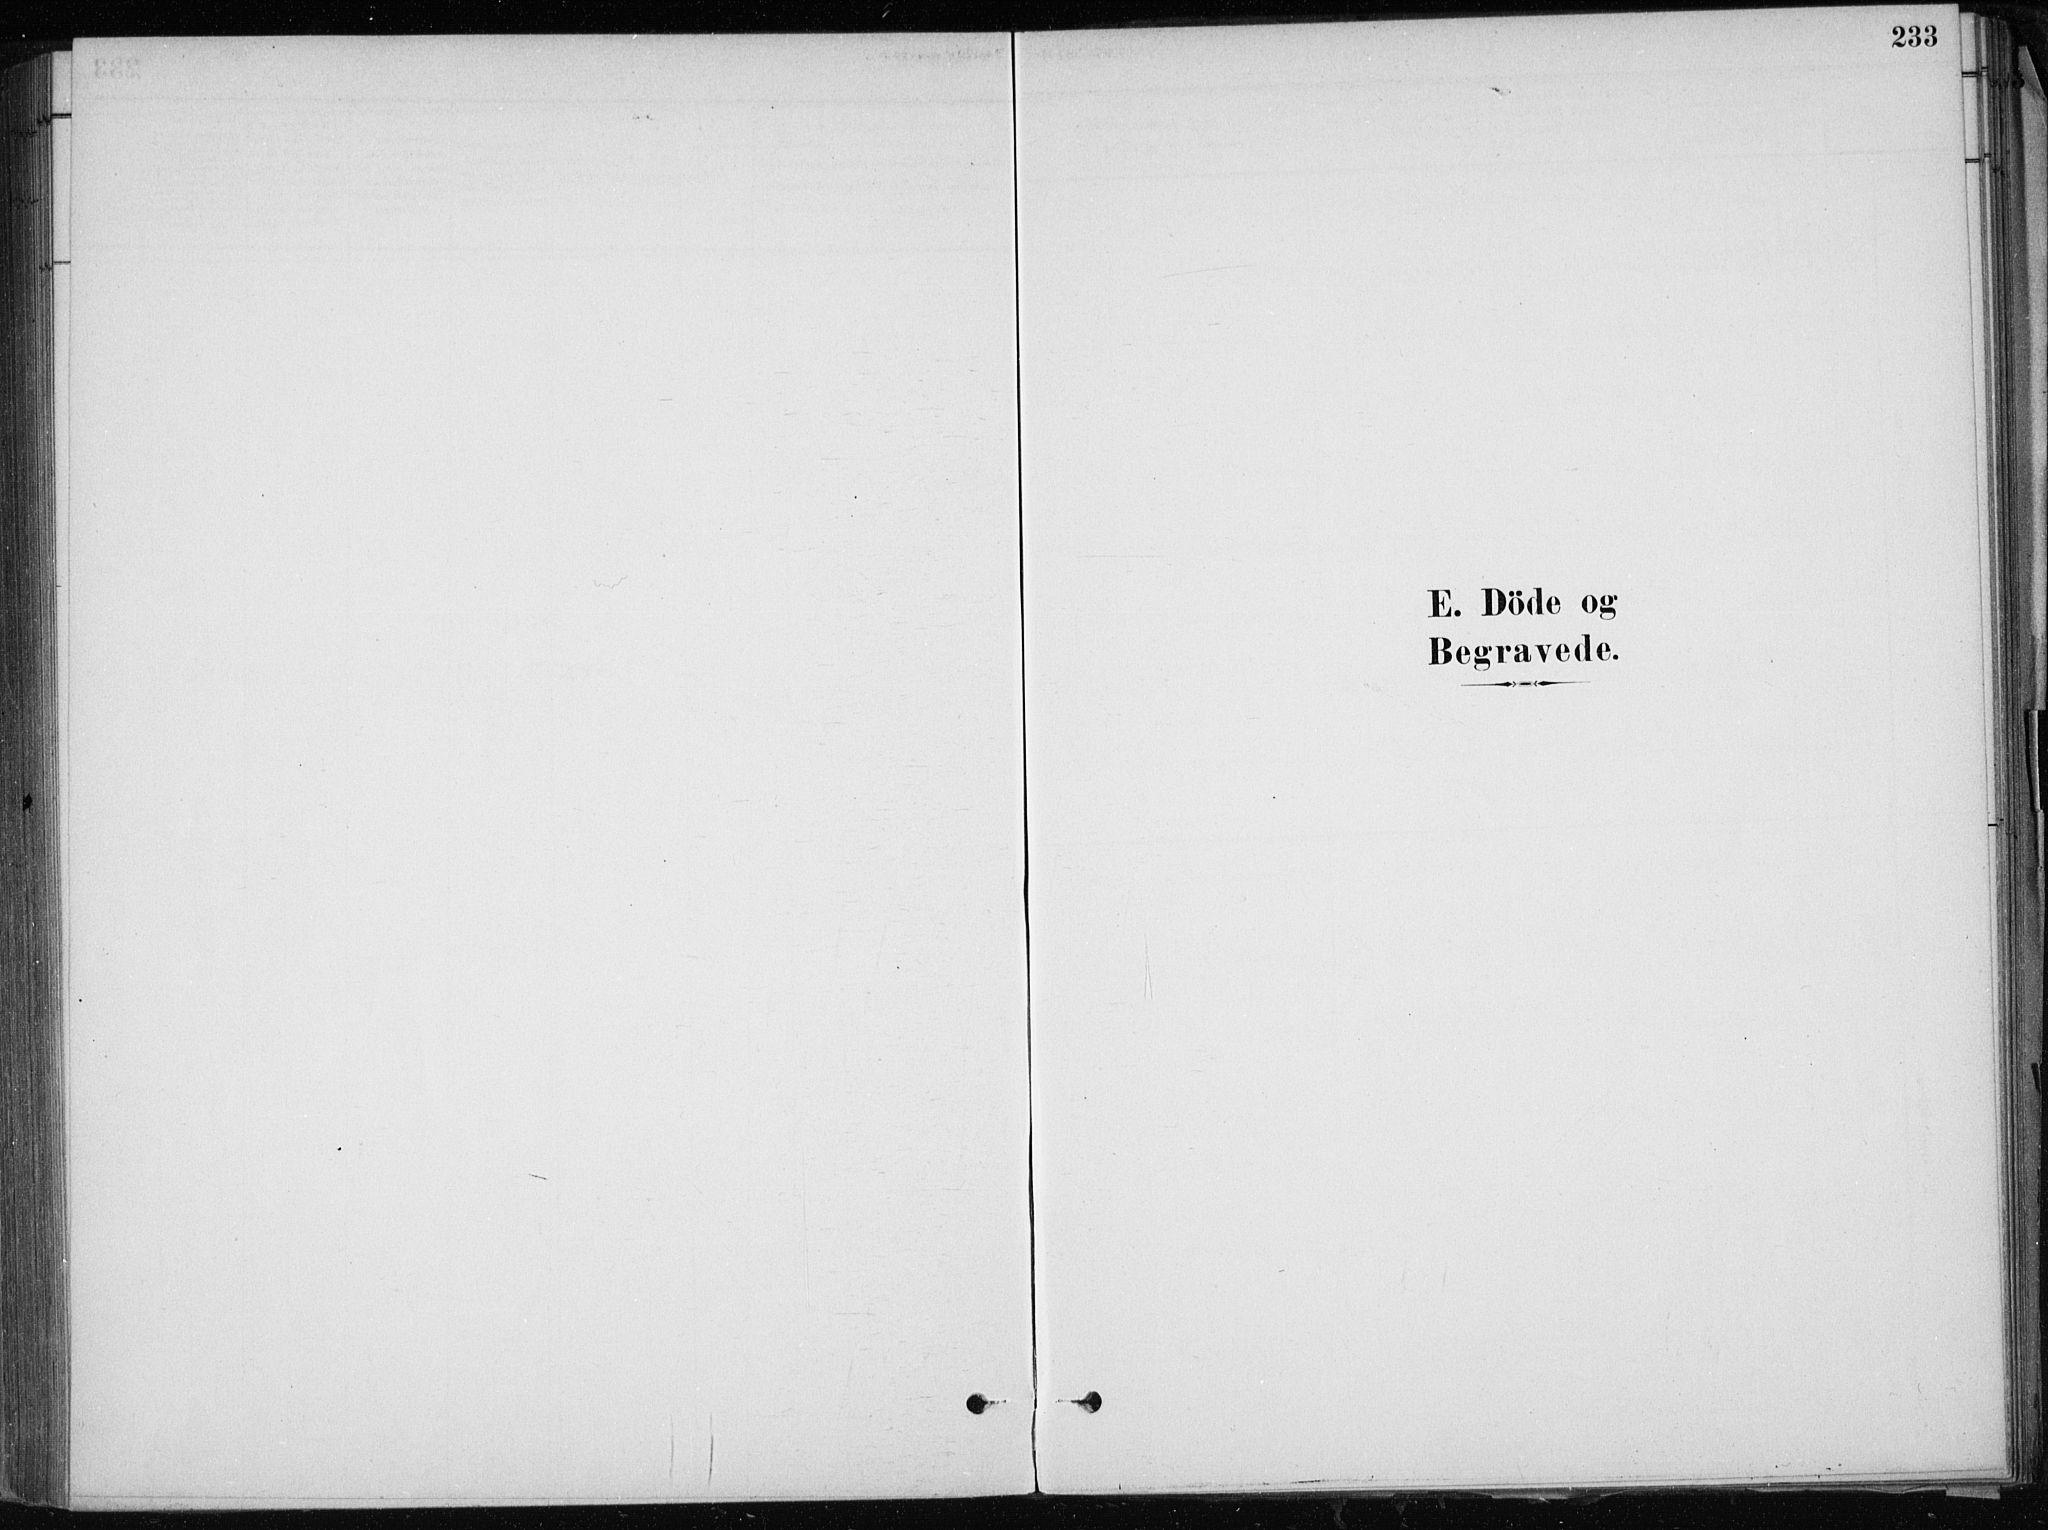 SAB, Skånevik Sokneprestembete, H/Haa: Ministerialbok nr. E  1, 1879-1901, s. 233